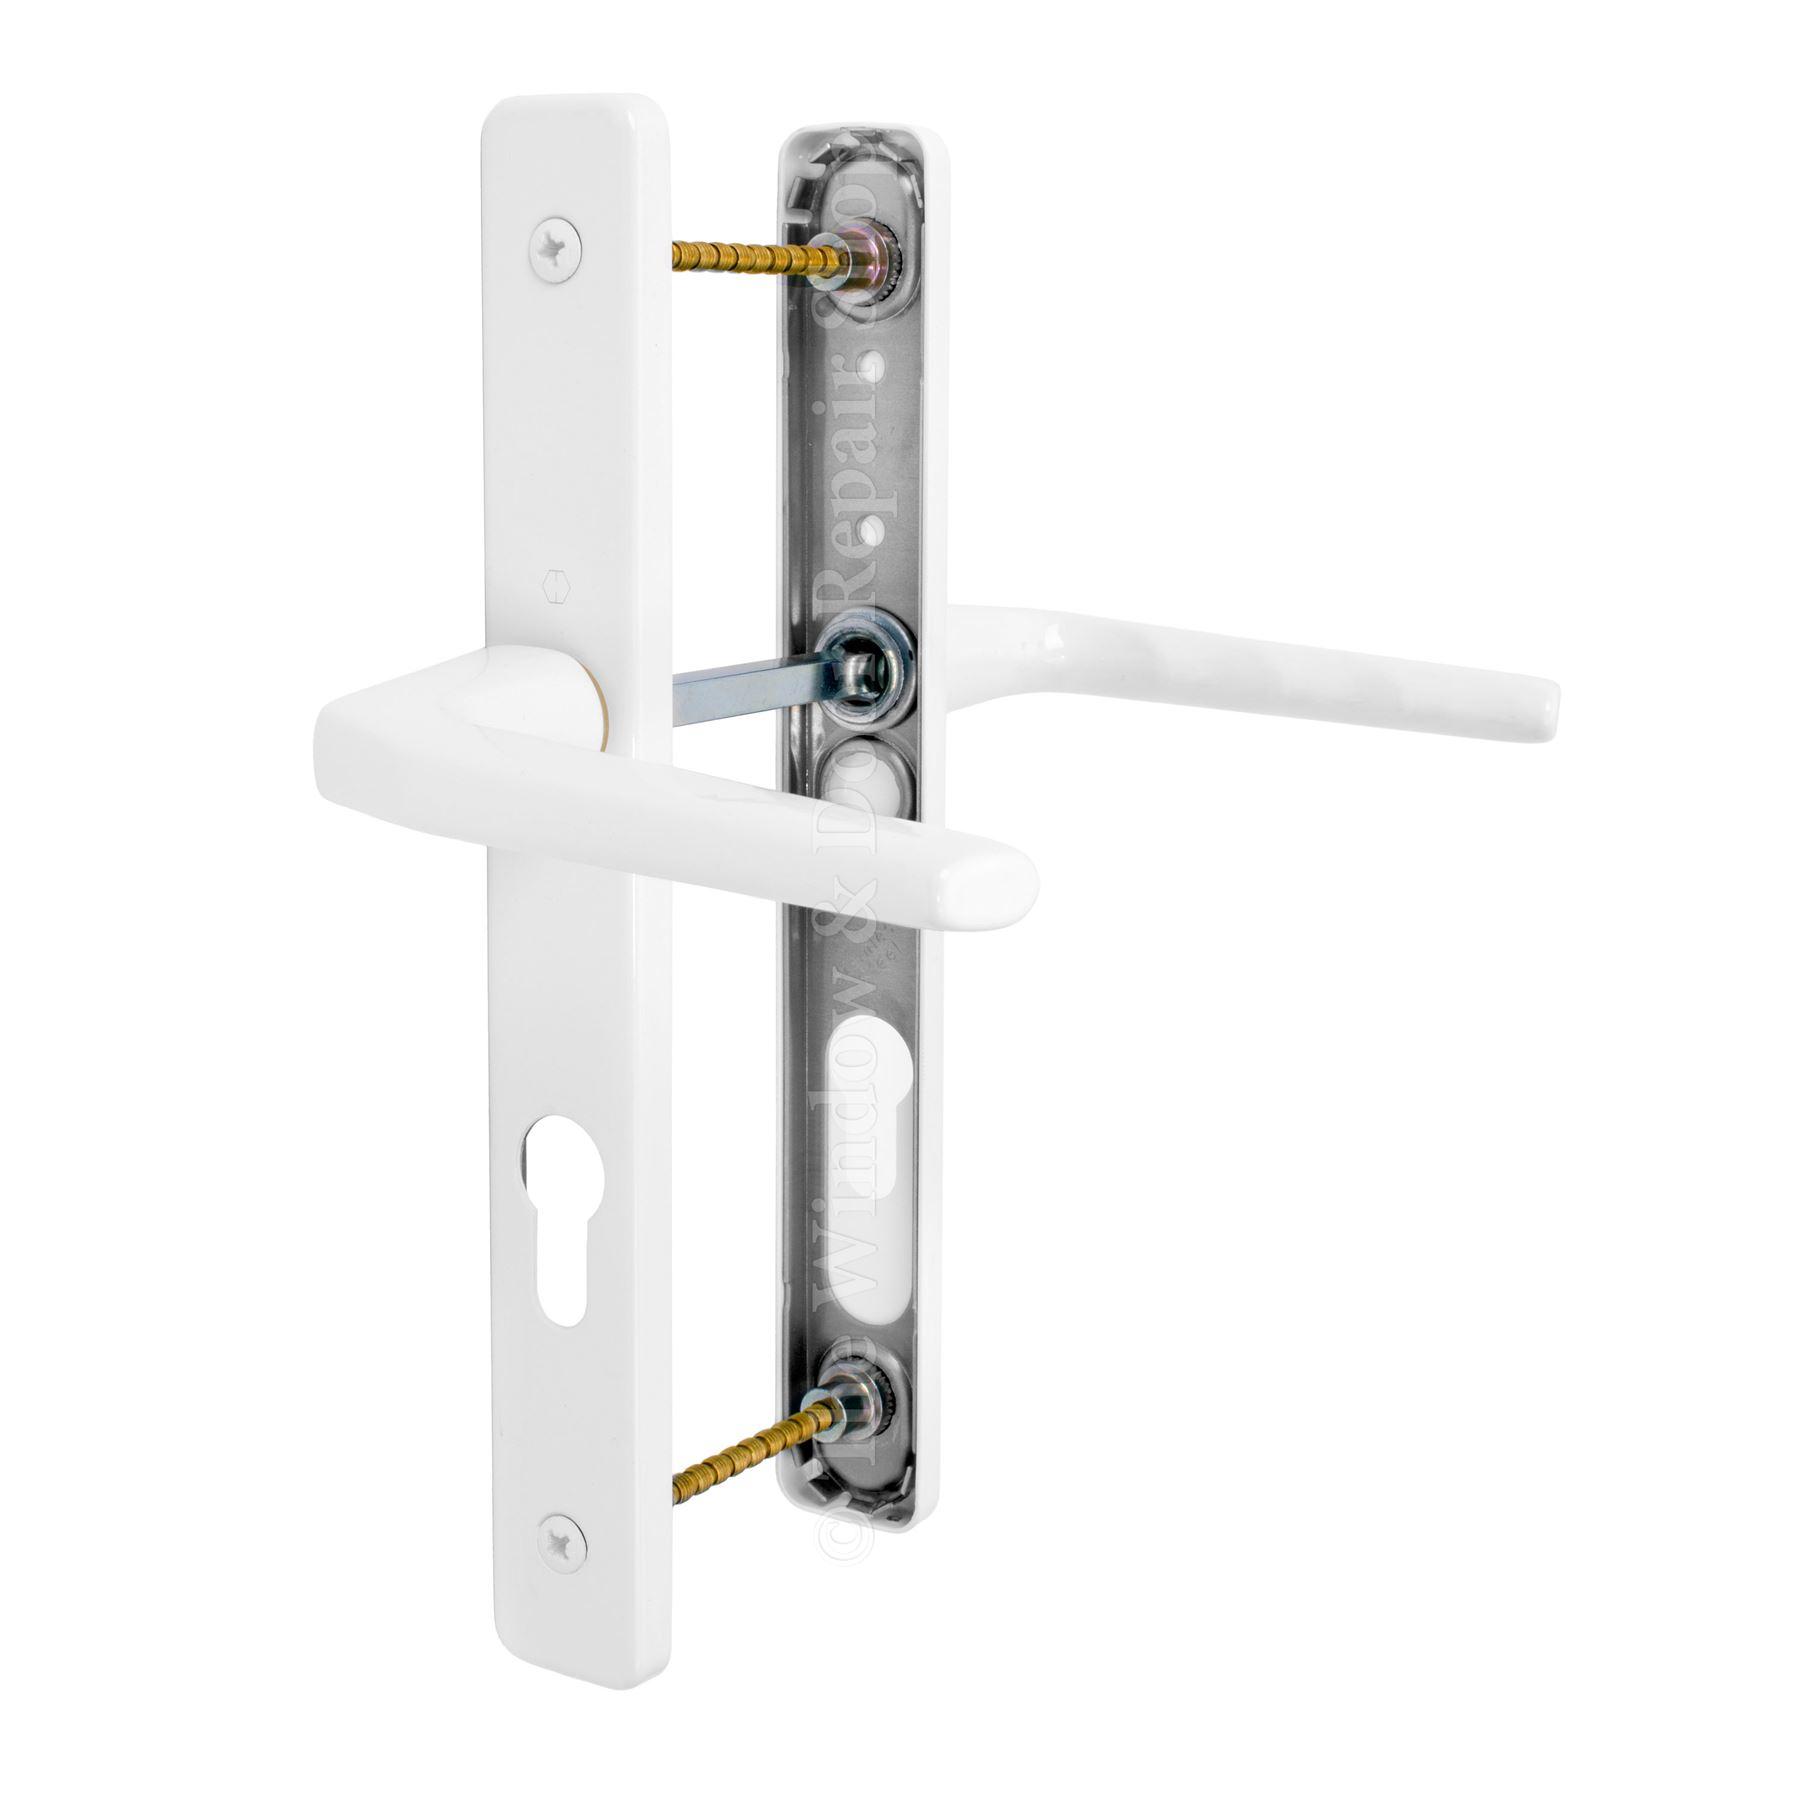 Upvc Door Handle Hoppe Ferco 70mm 70pz 200mm Fixings